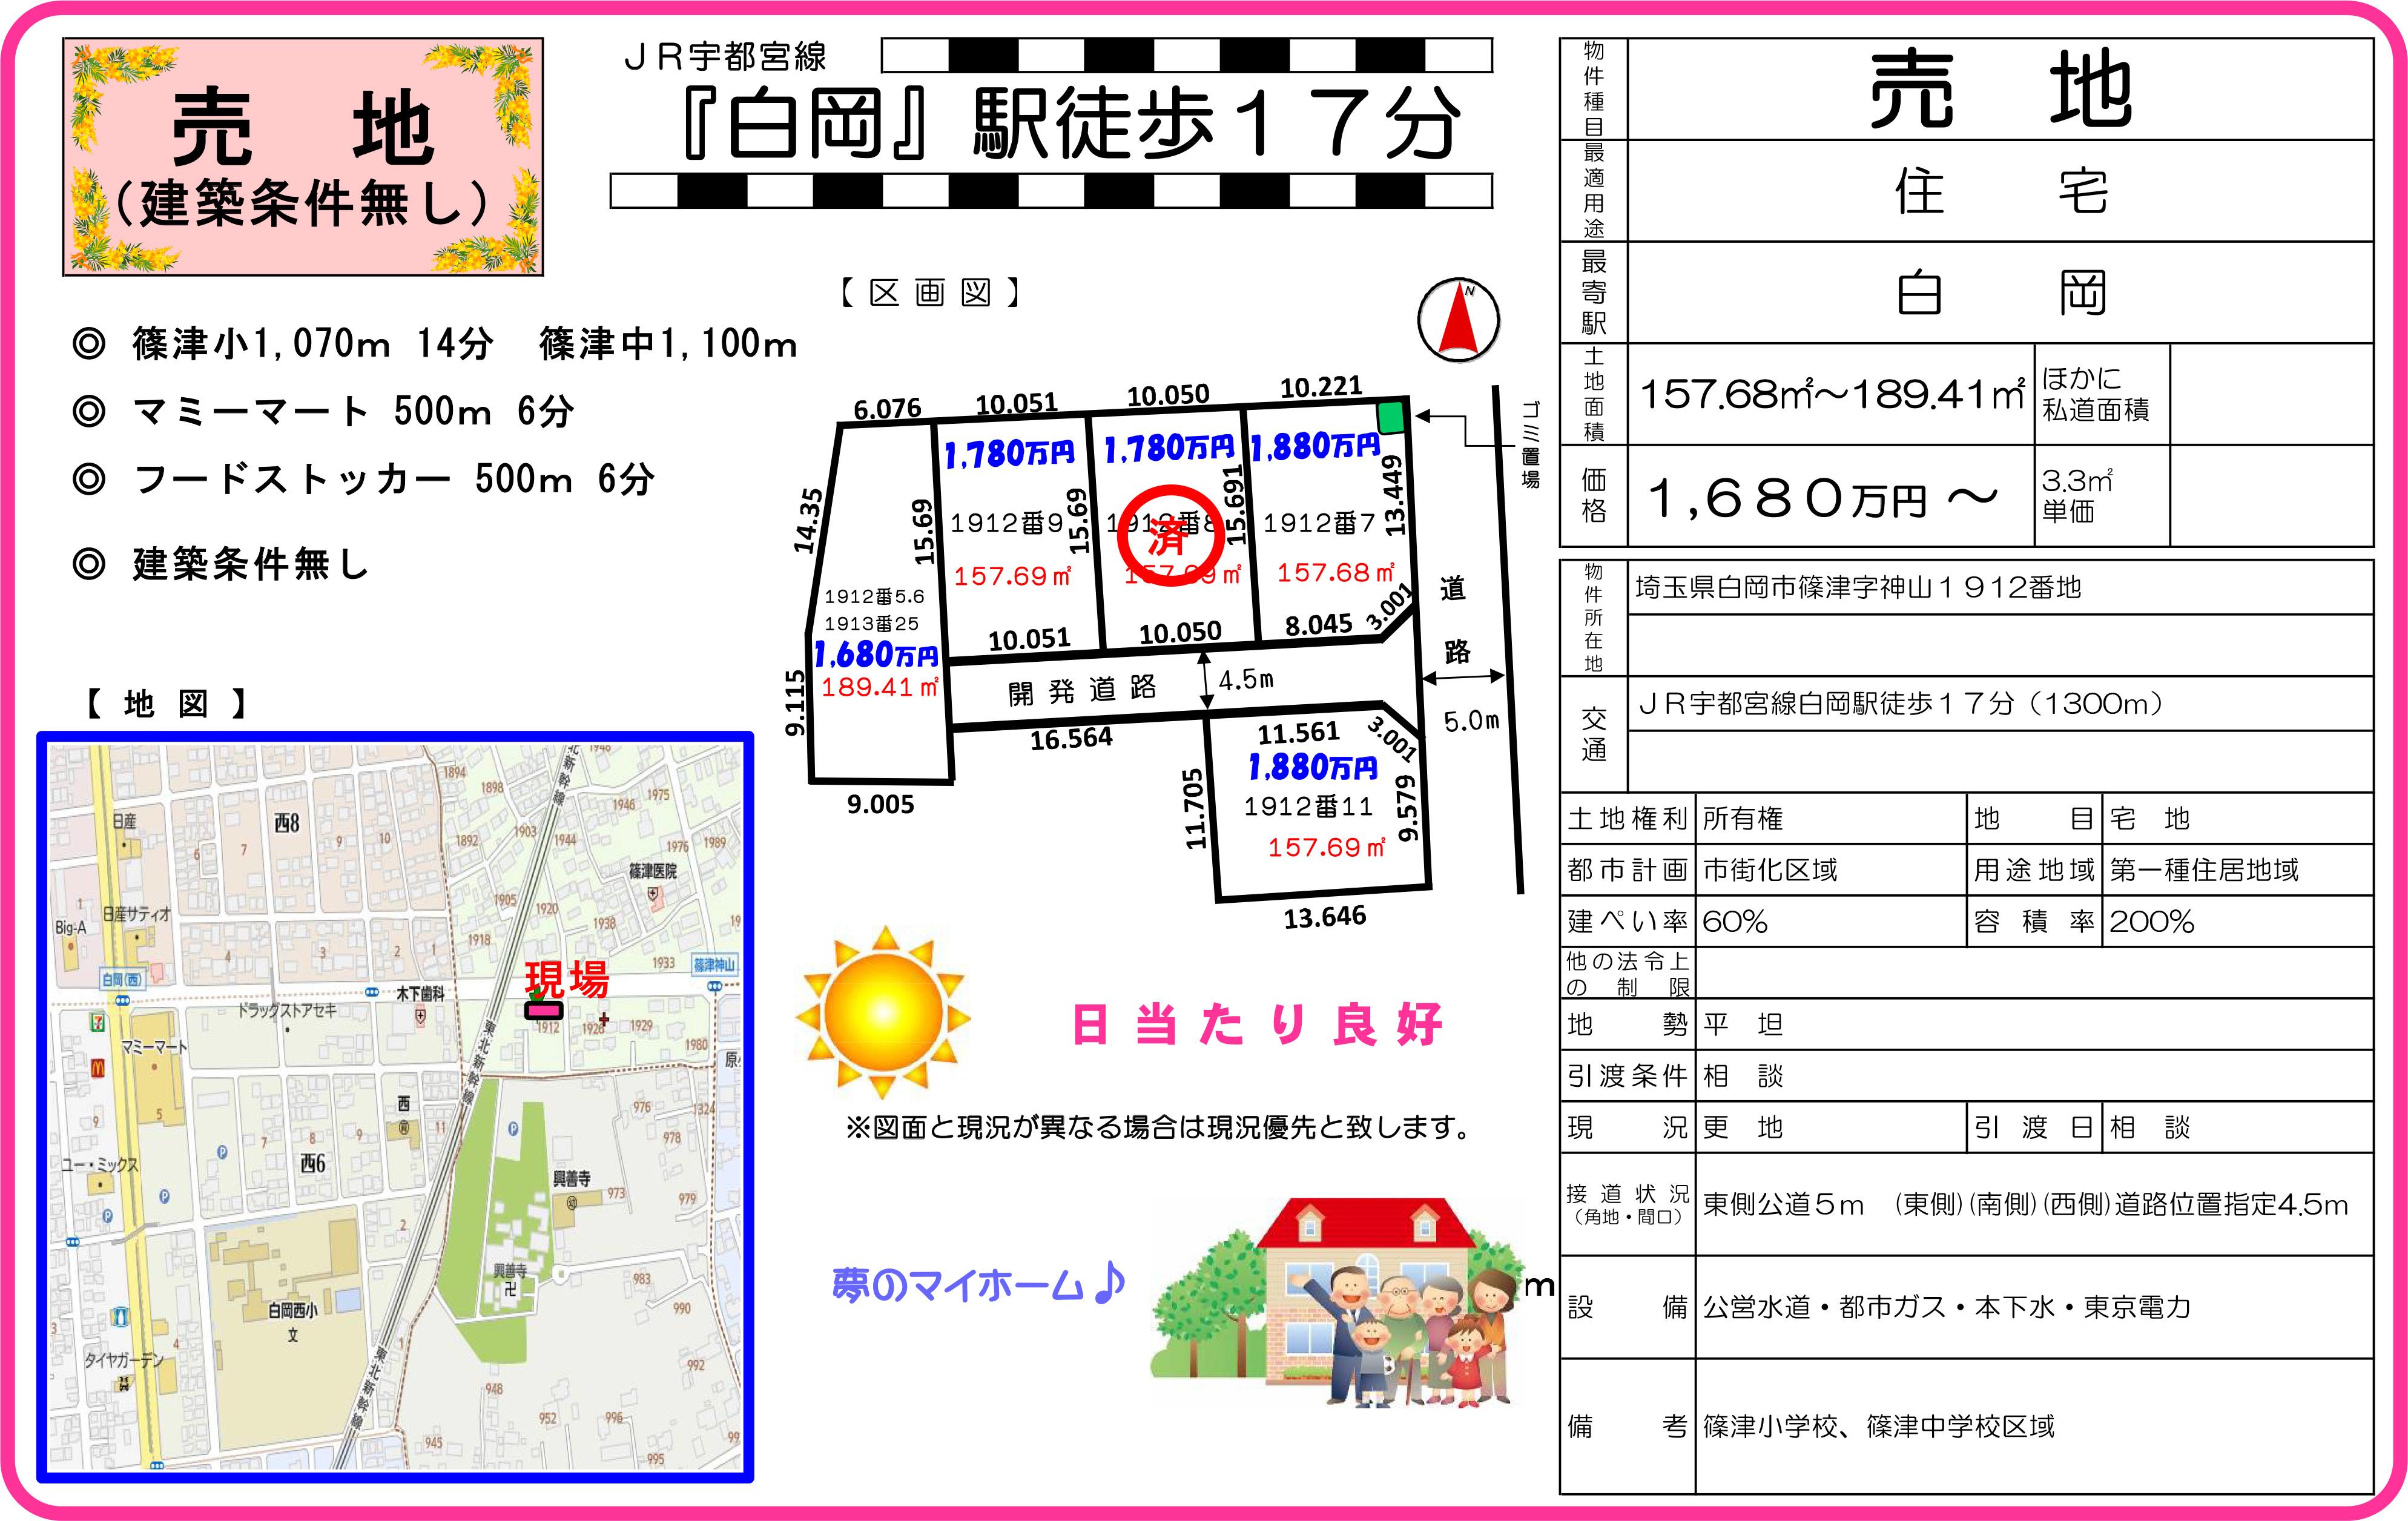 【土地情報】白岡市の土地情報!